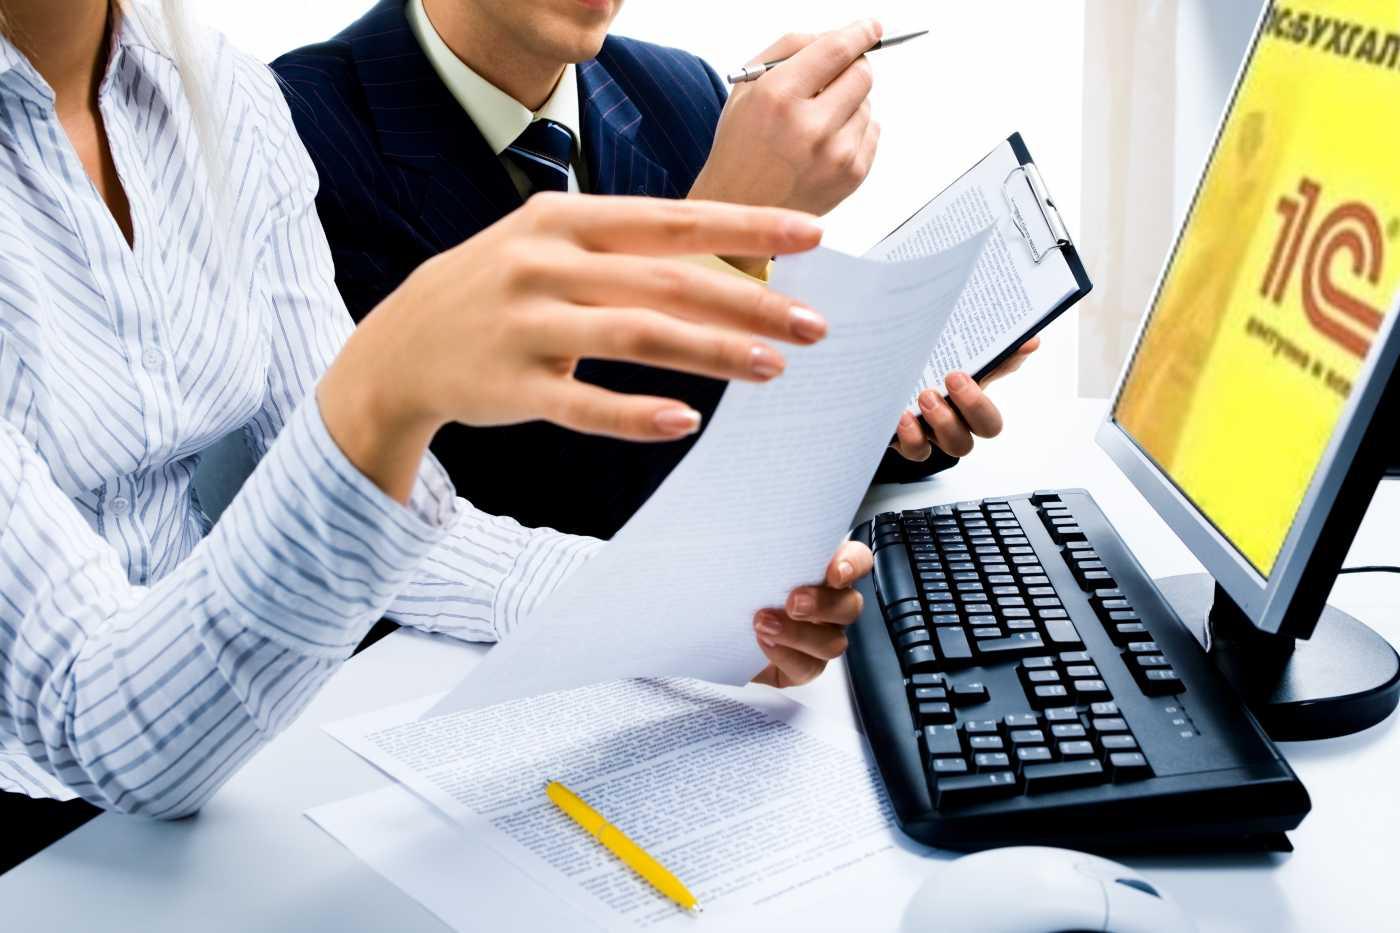 Как освоить 1с бухгалтерию самостоятельно оптимизация налогов при лизинге